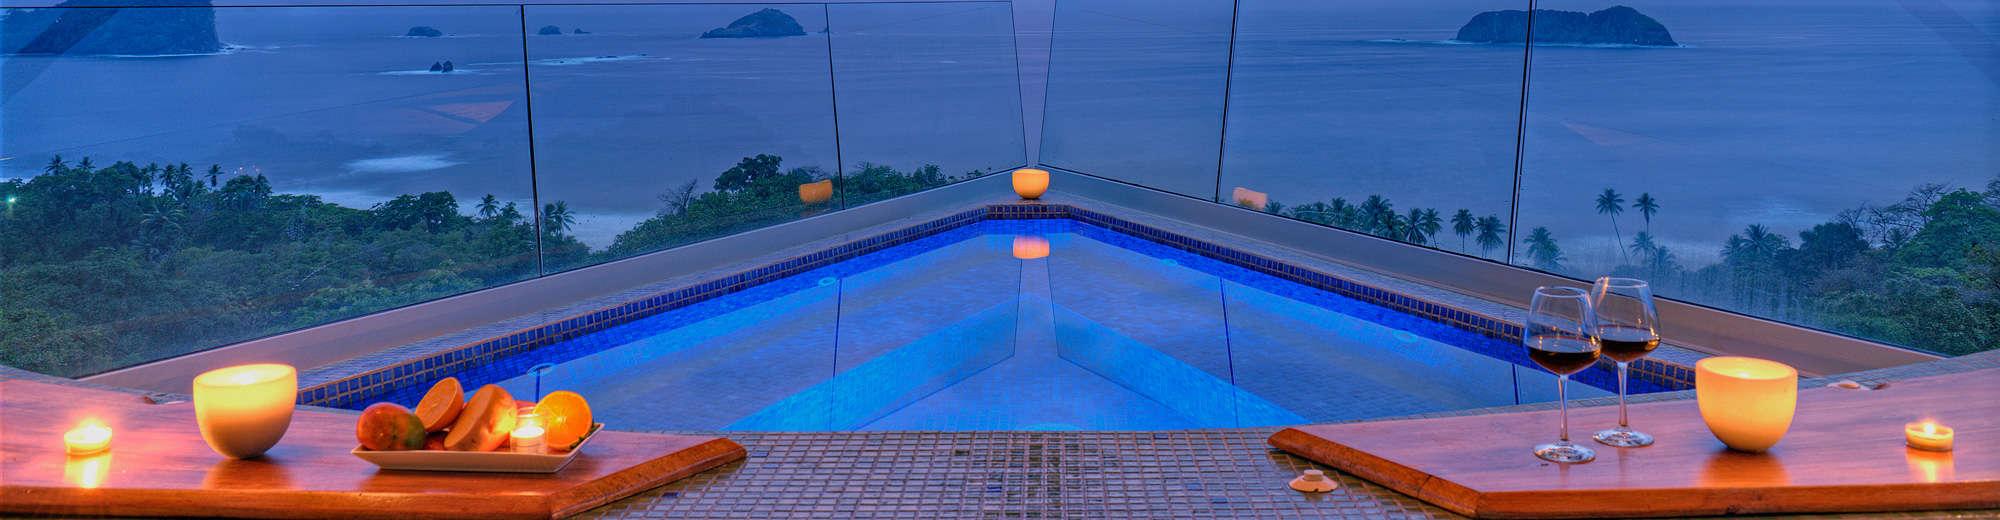 rooftop jacuzzi in luxury costa rica villa